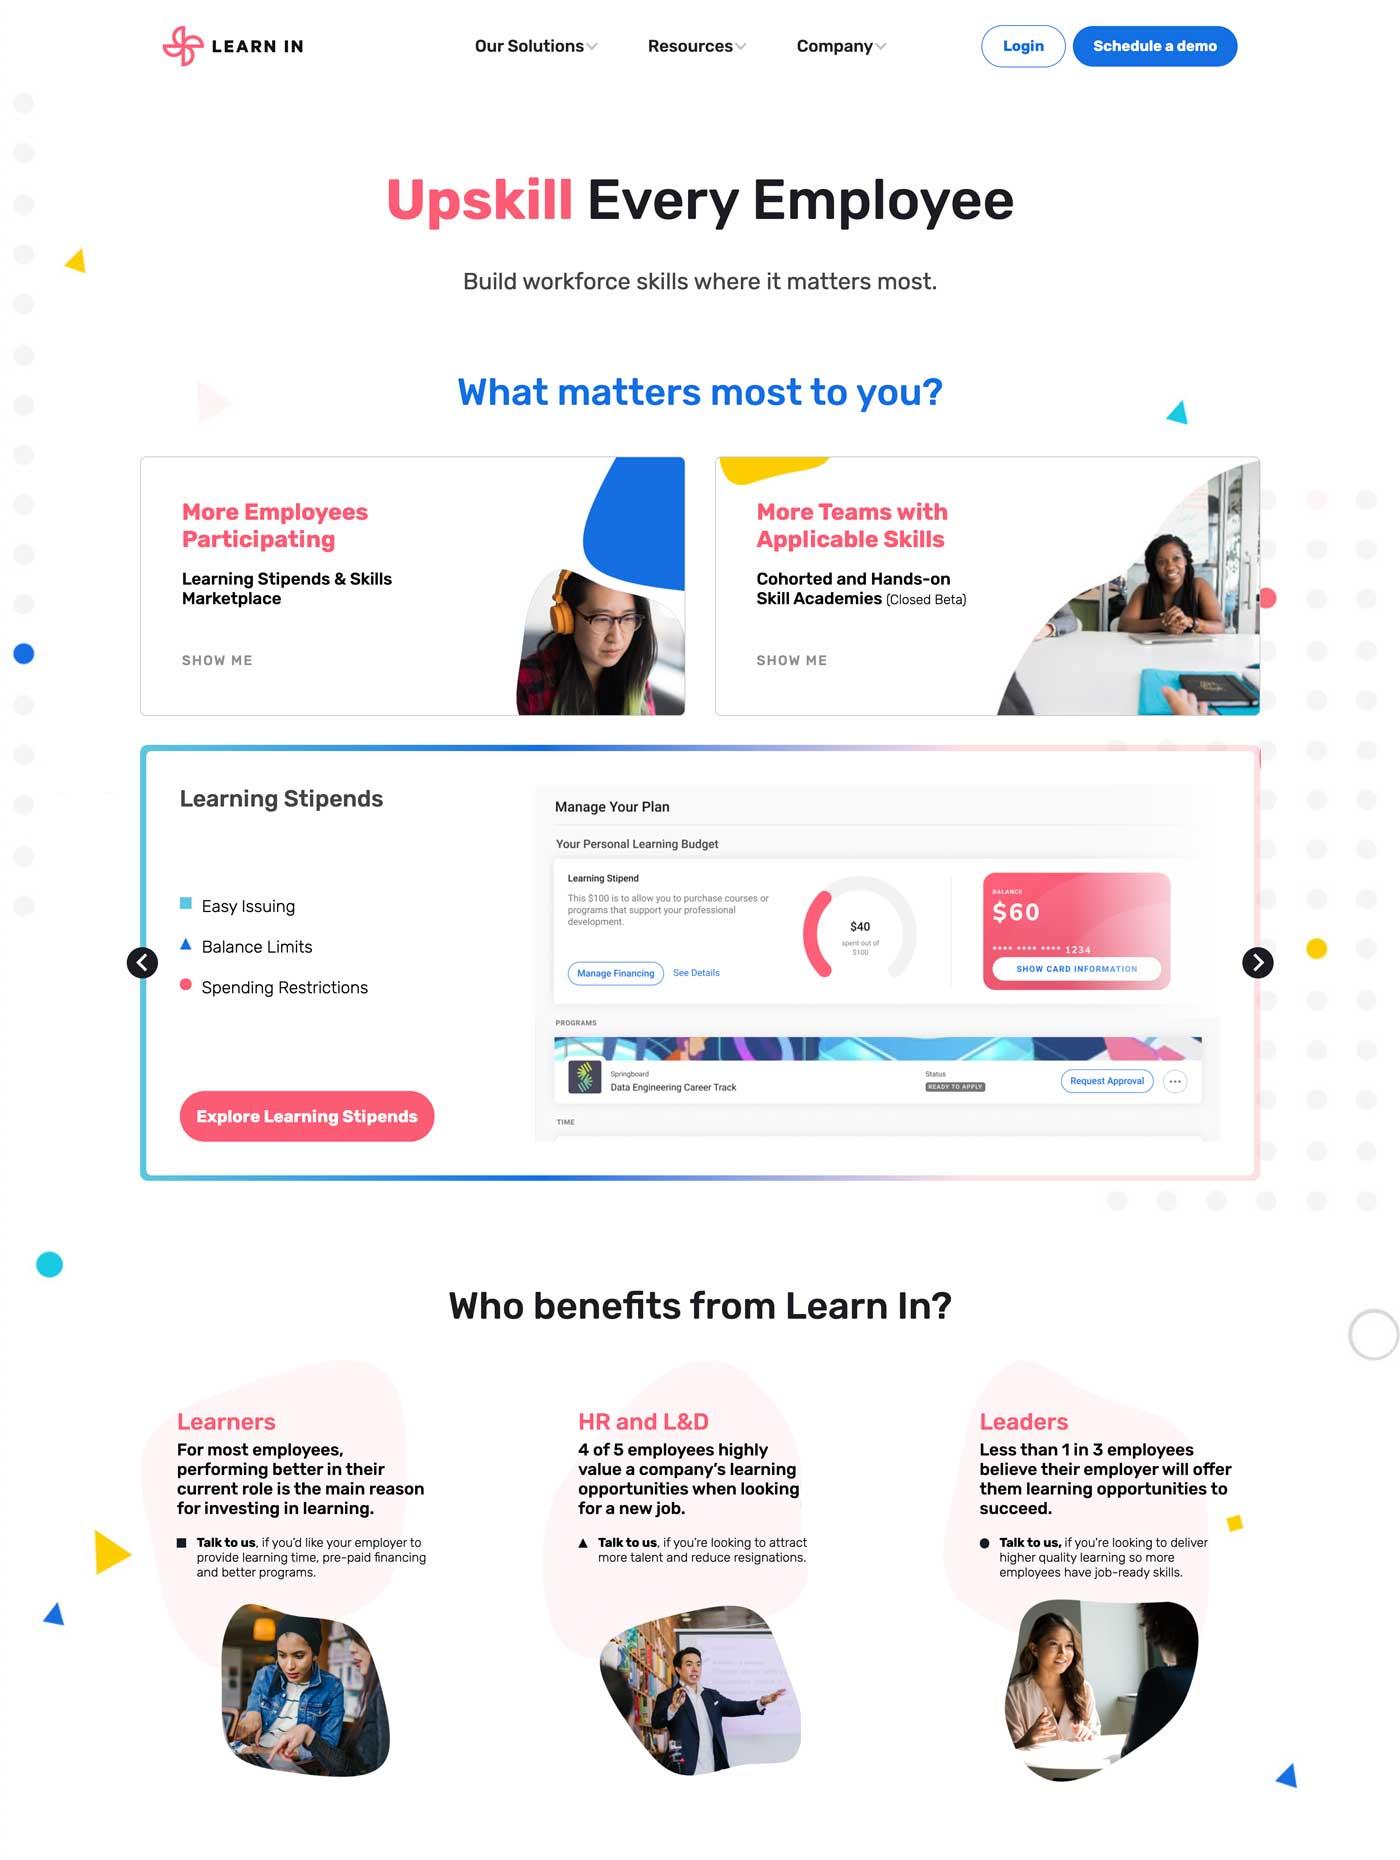 GGG website design using Webflow